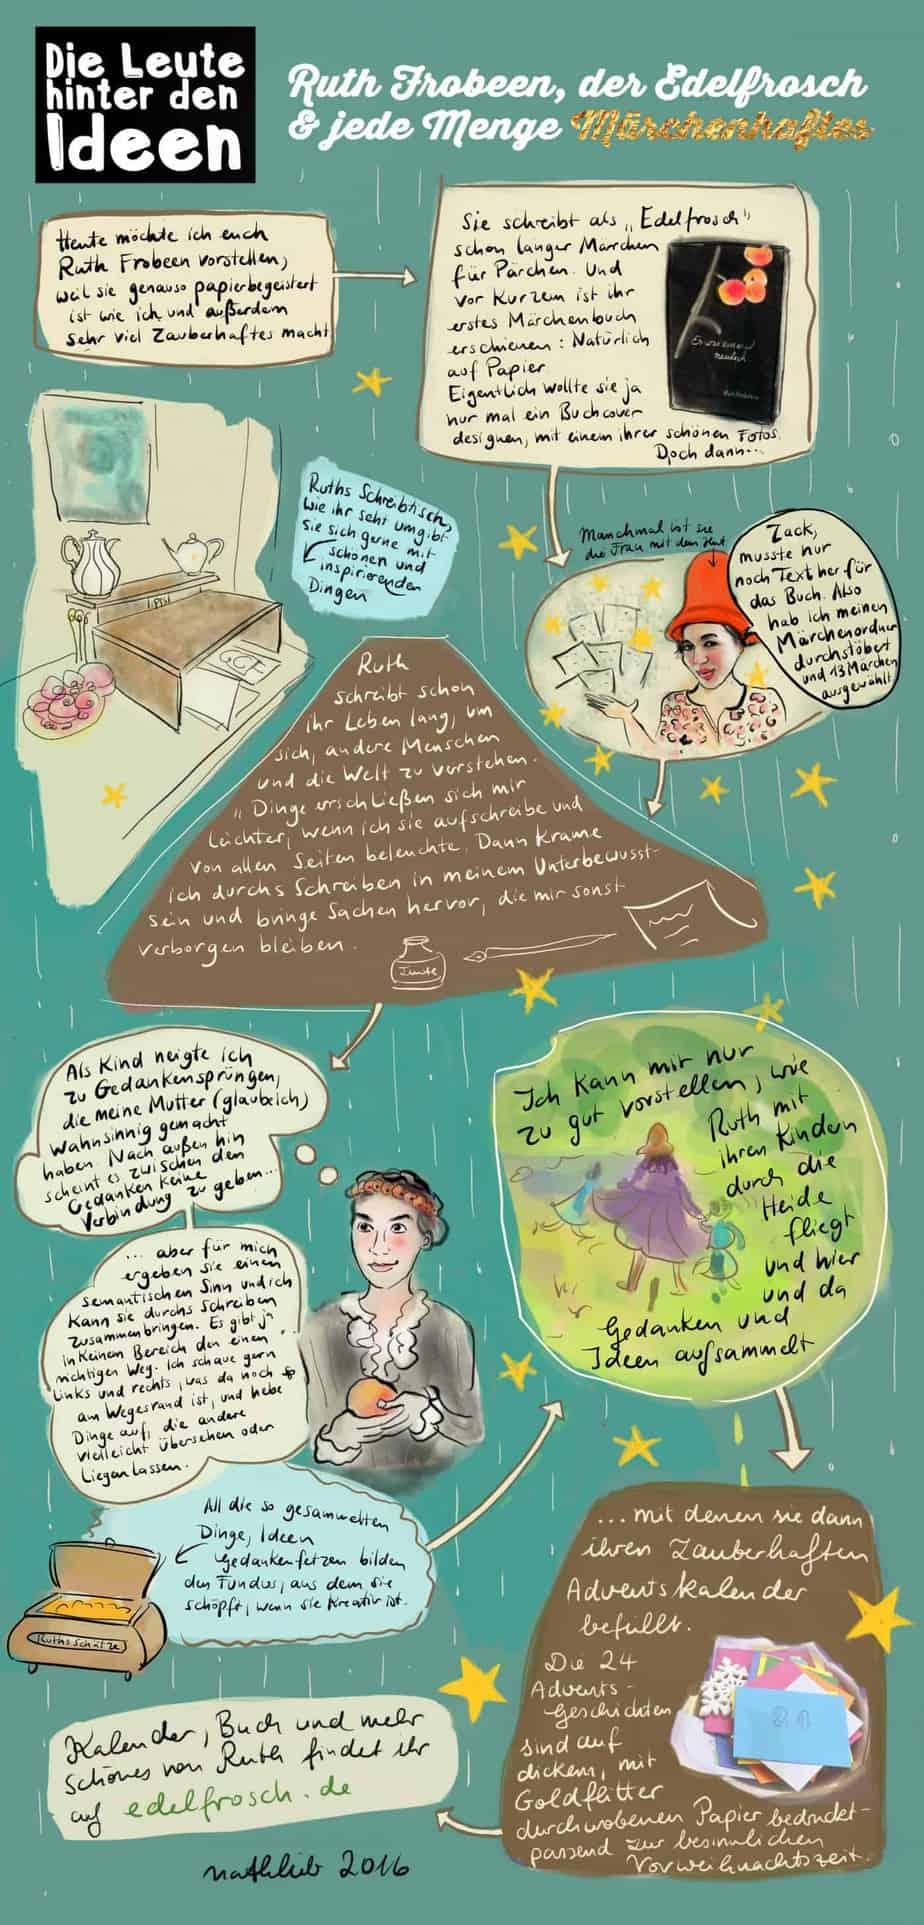 Ruth Frobeen macht Zauberhaftes auf Papier